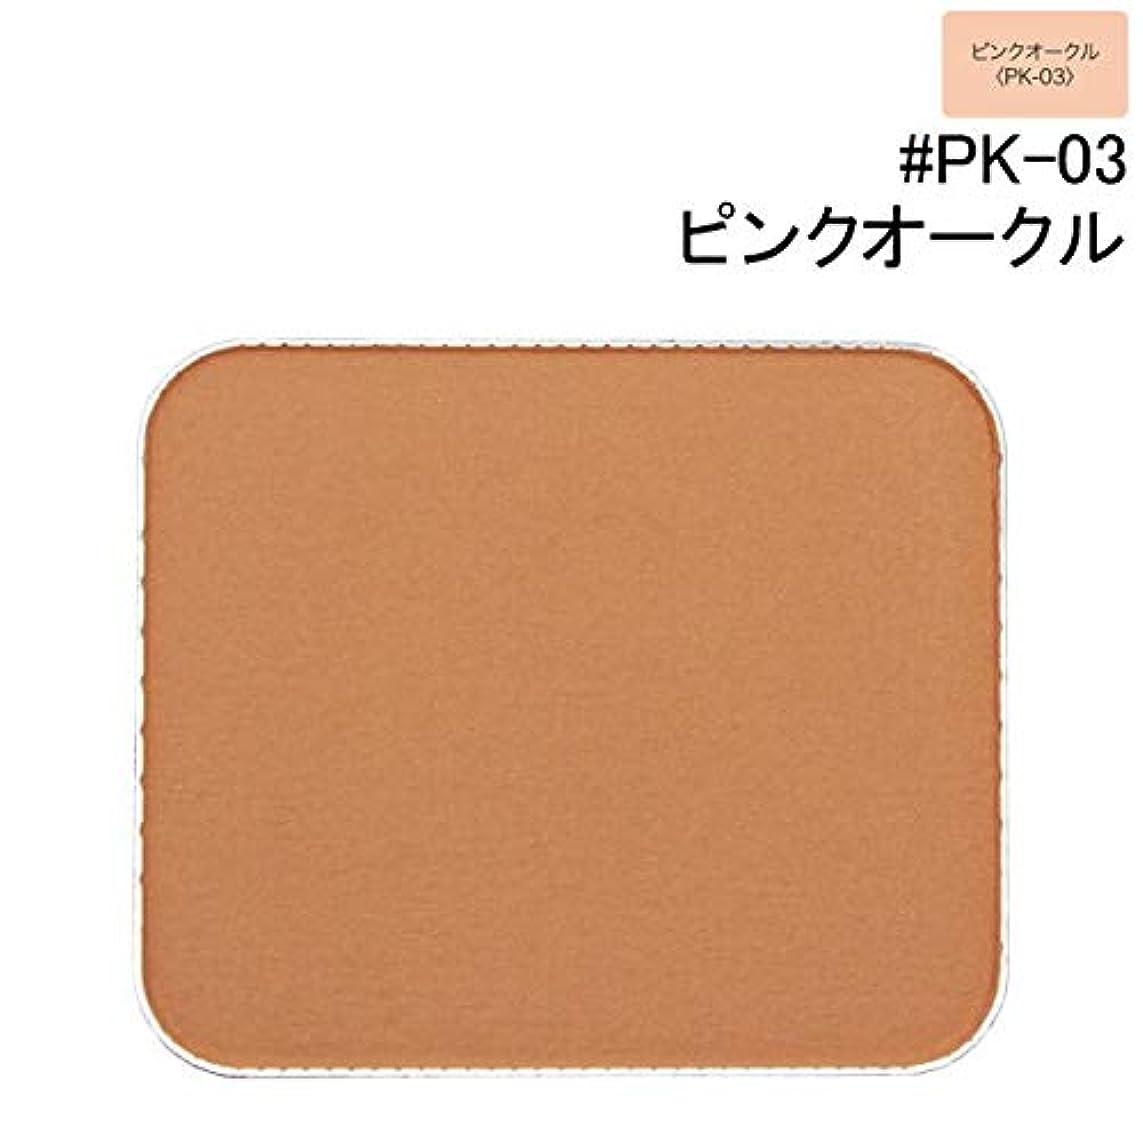 パフ図書館包帯【アスタリフト】アスタリフト ライティングパーフェクション ロングキープパクトUV #PK-03 ピンクオークル (レフィル) 9g